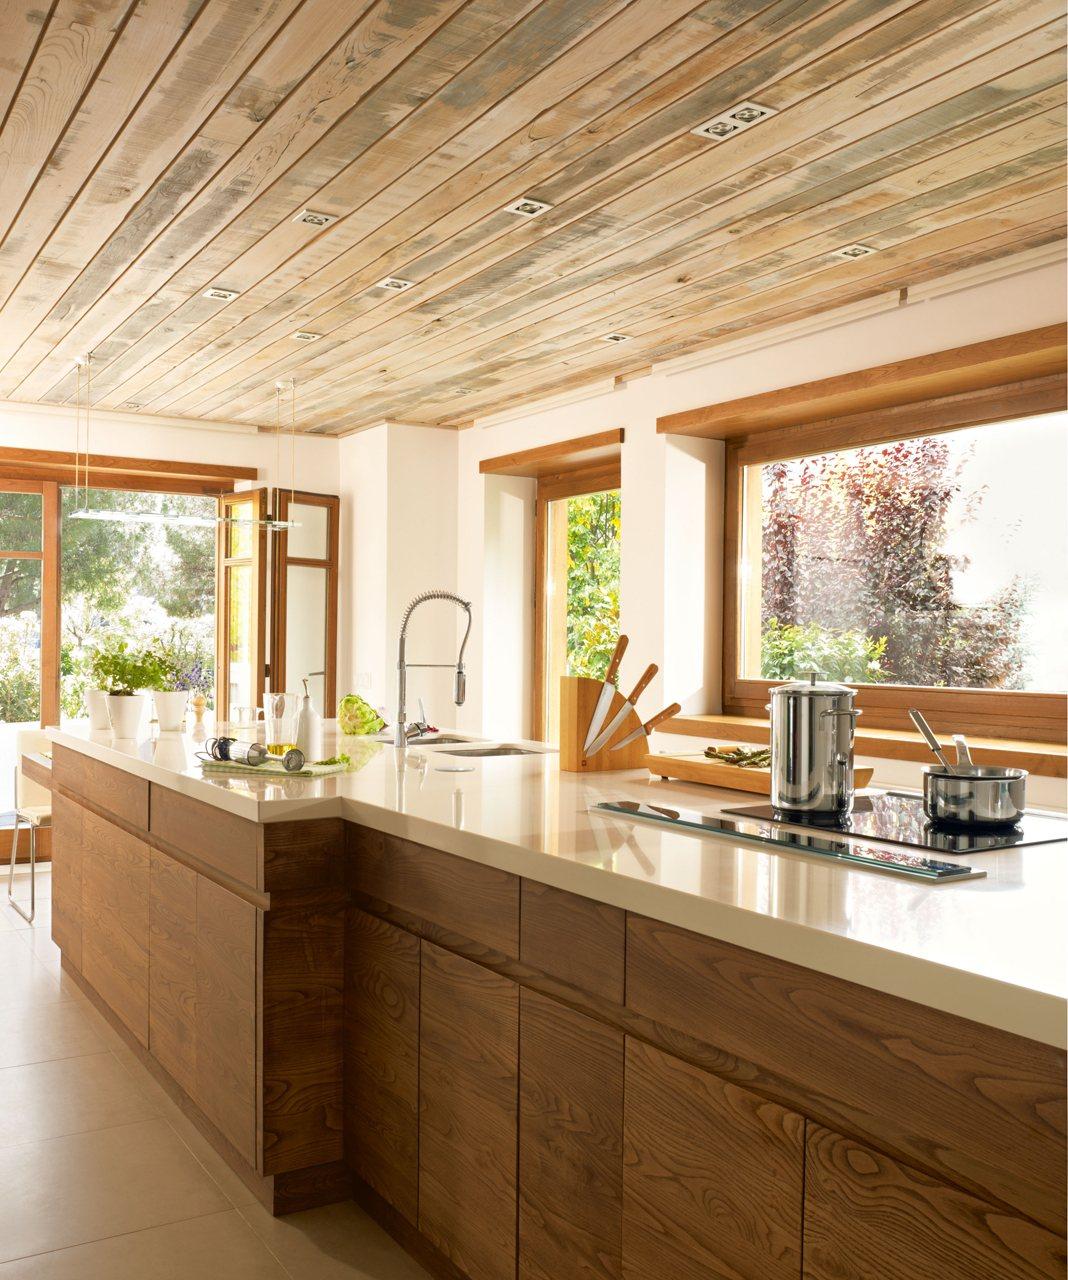 Una cocina moderna pr ctica y c lida - Interiores cocinas modernas ...